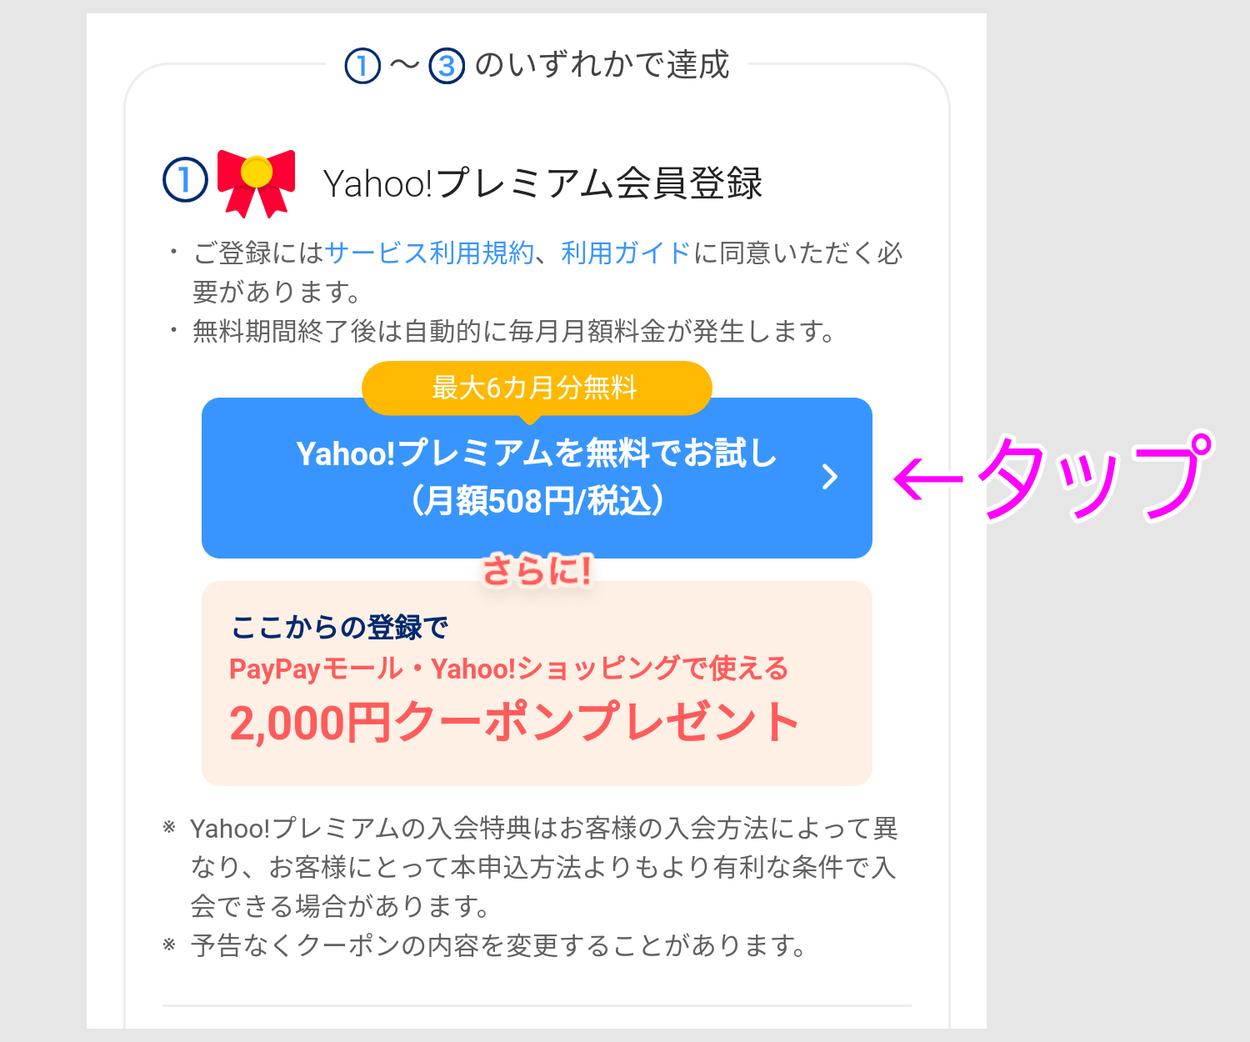 6ヶ月無料+2000円分のクーポンのオフー2